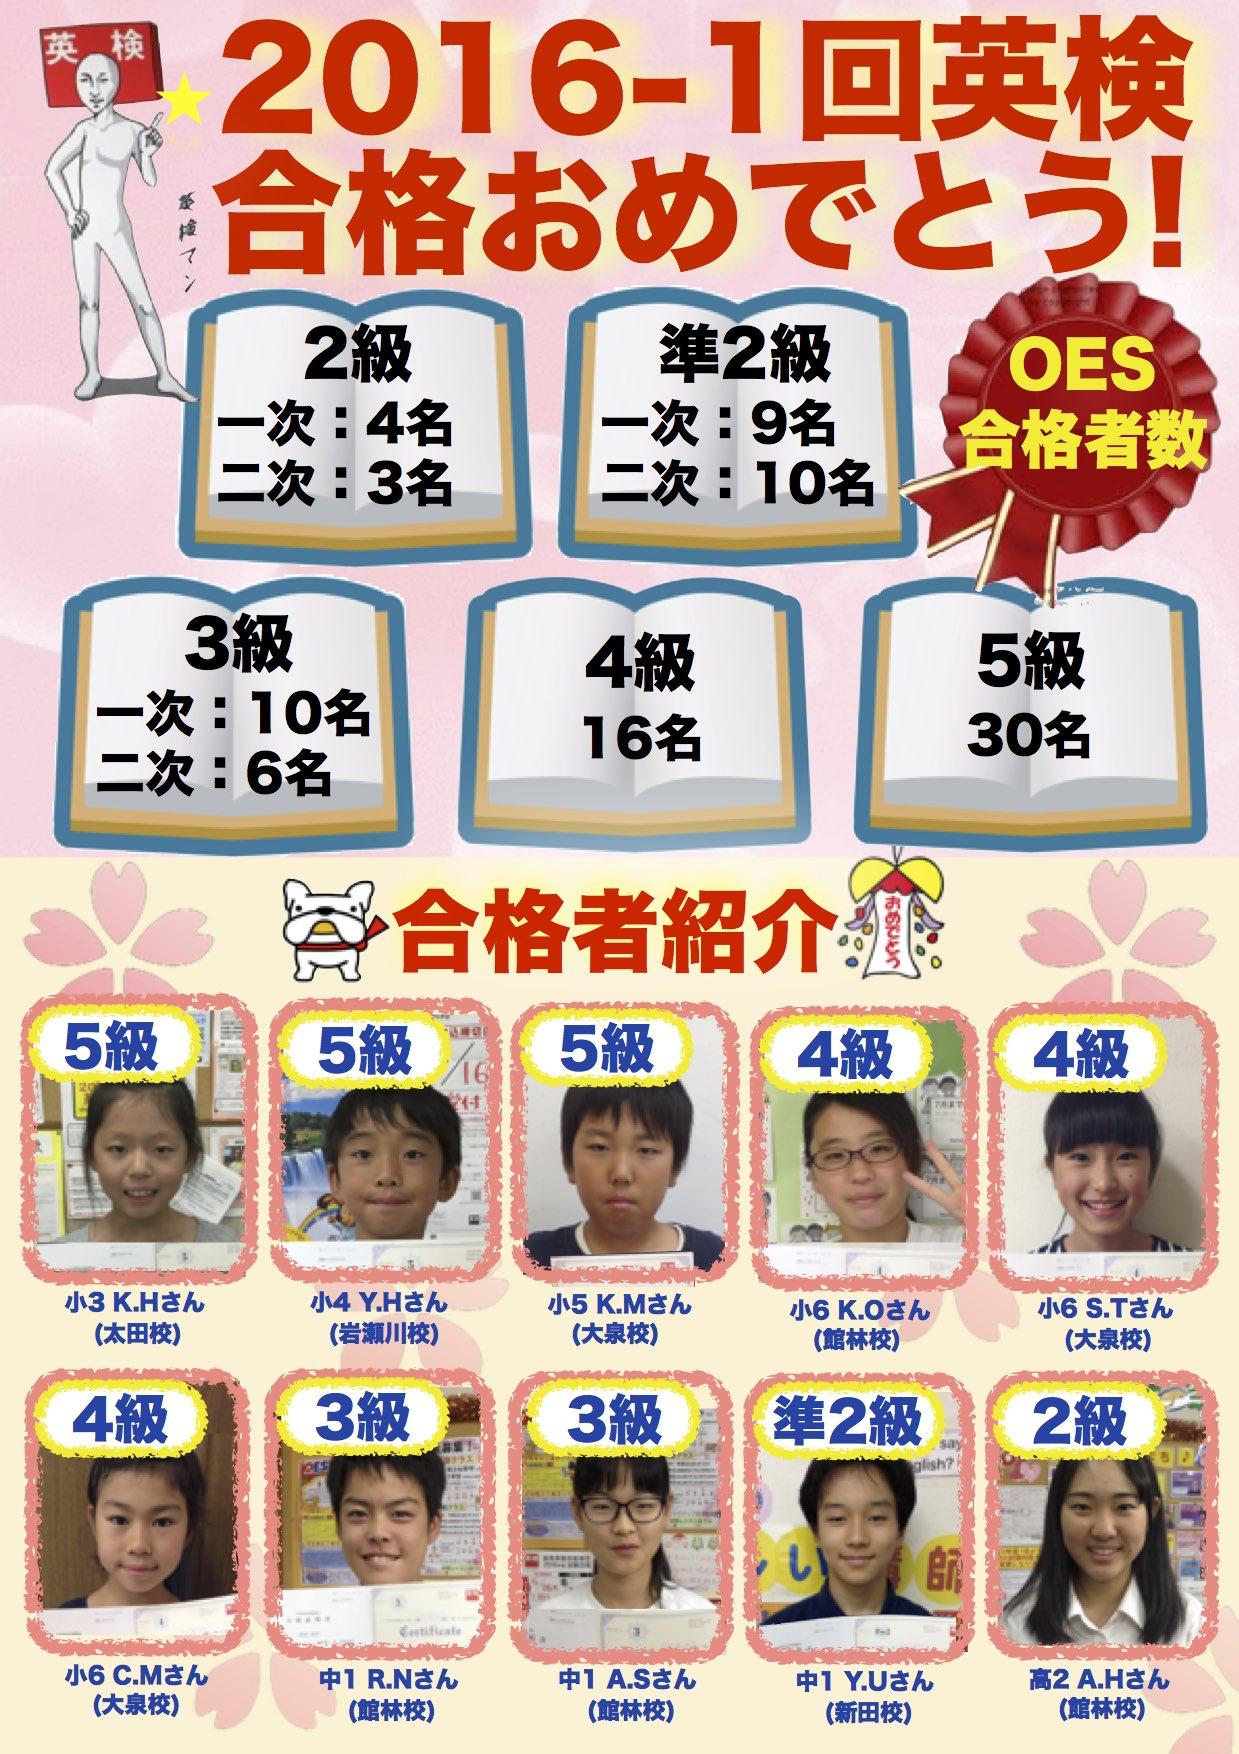 2016-1回英検合格ポスター ① WEB OTA1 IW1 NIT1 GL3 TES4 Kurumi Yuki Kotraro Karin Sawa Chise Ryohei Anna Yukinobu Ayano